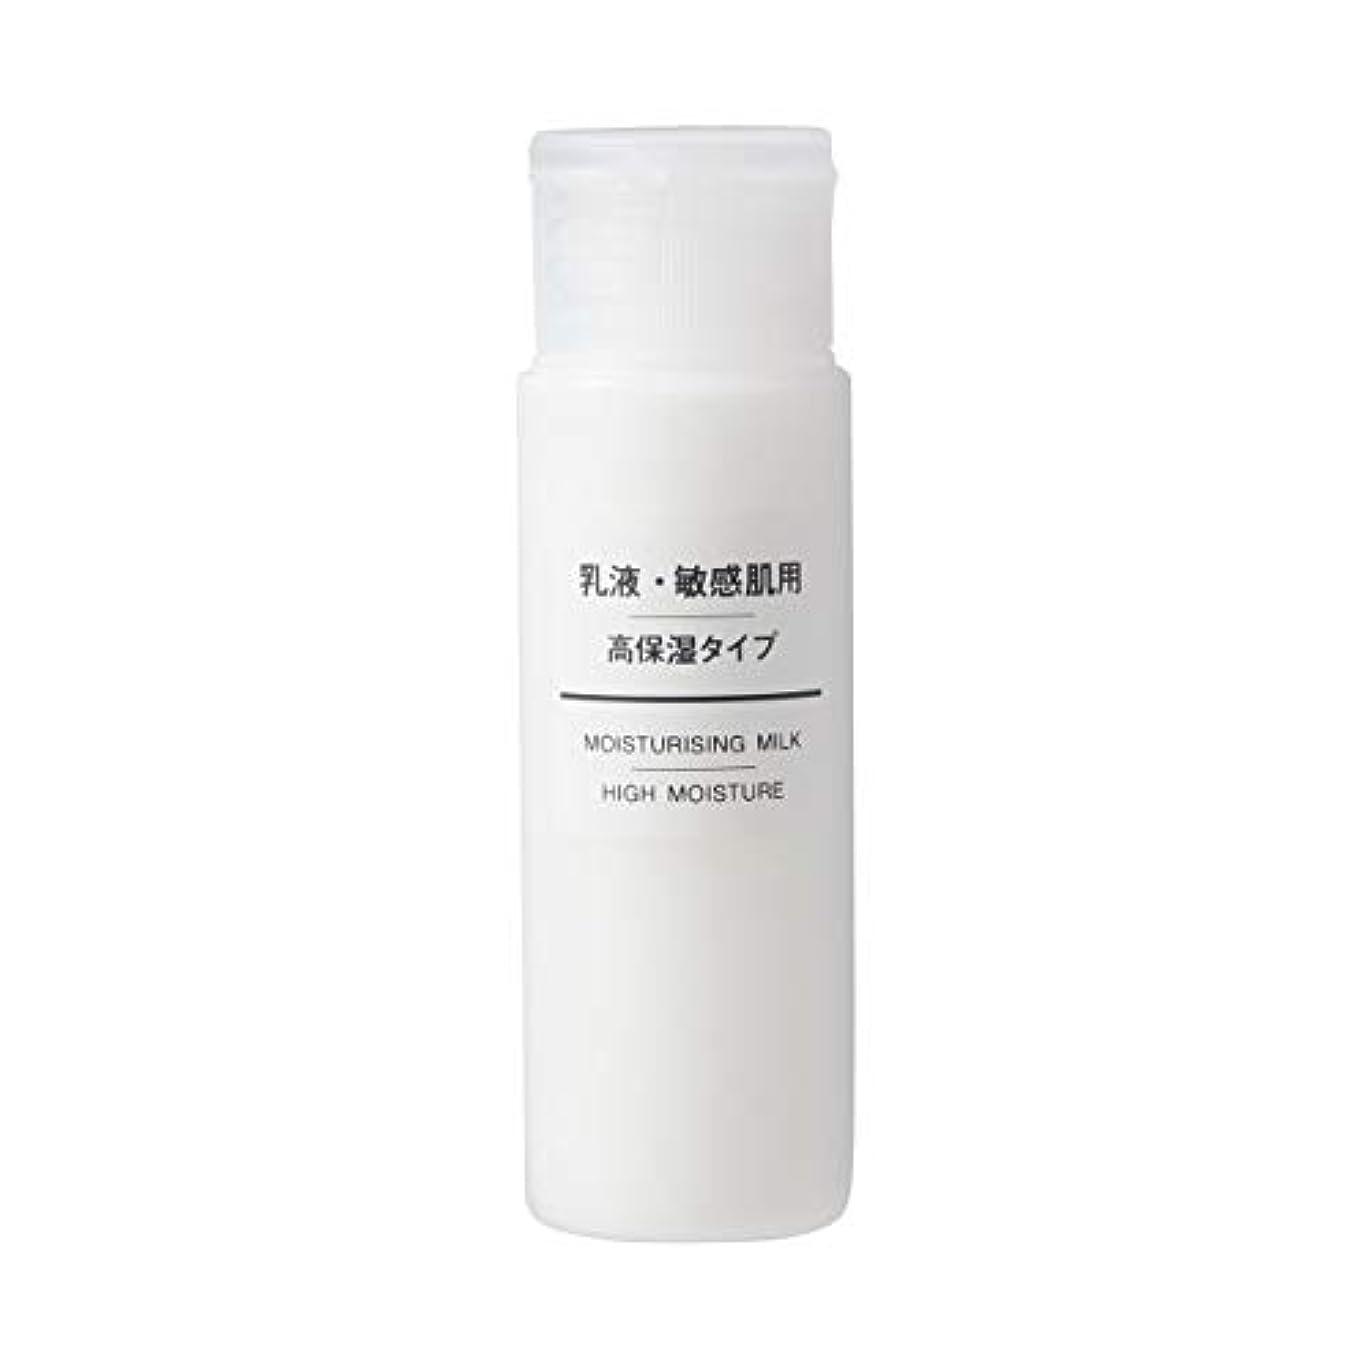 間家庭三番無印良品 乳液 敏感肌用 高保湿タイプ(携帯用) 50ml